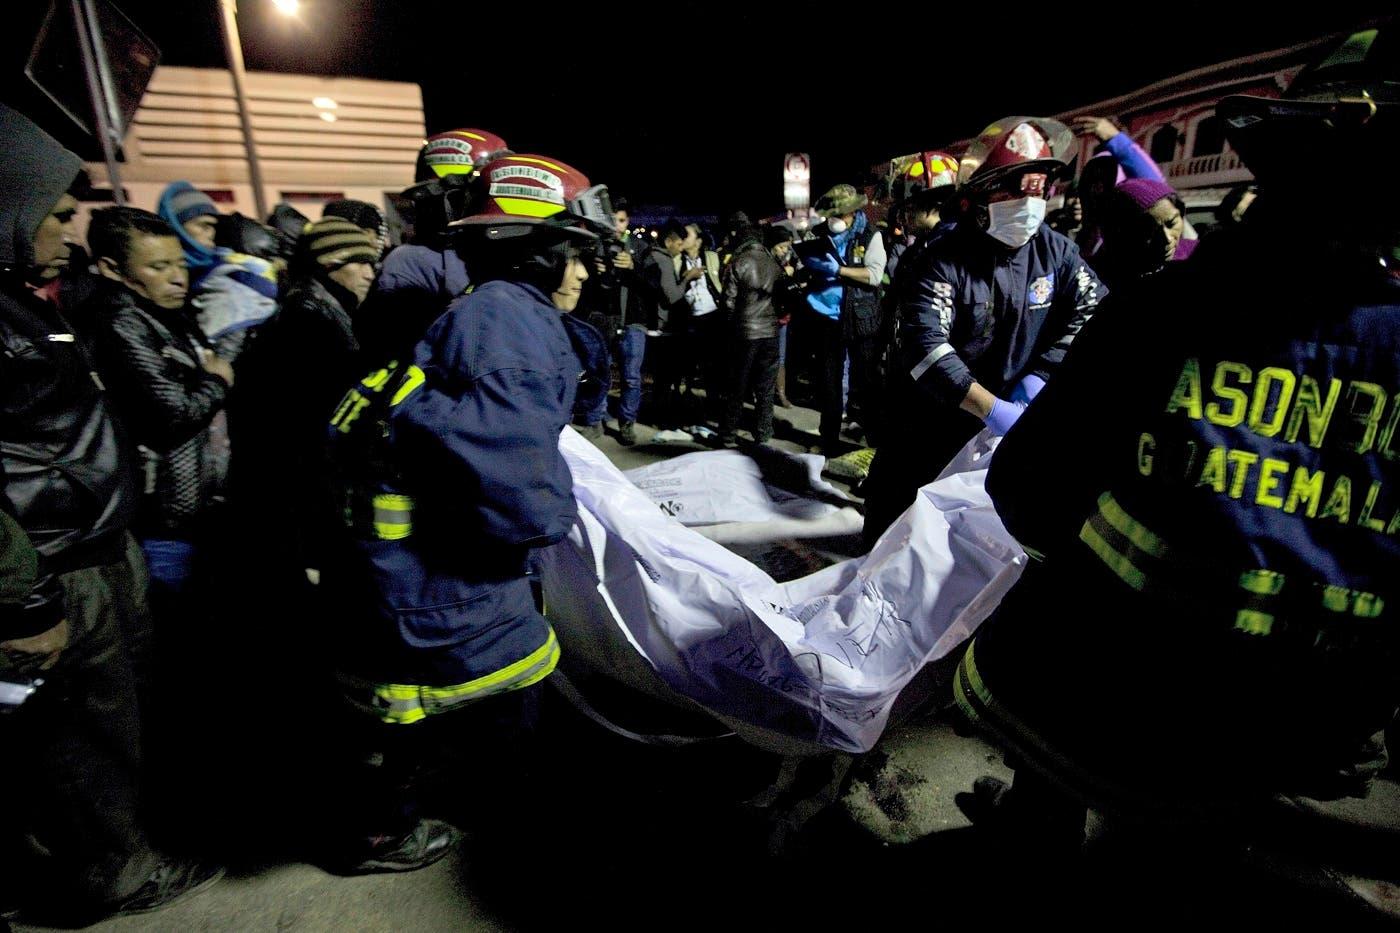 El accidente ocurrió en una carretera oscura cuando un grupo de personas observaba a una persona que había muerto en otro siniestro, indicó el vocero de los Bomberos Municipales Departamentales, Cecilio Chacaj, que en un primer momento reportó que la cifra de fallecidos ascendía a 30.